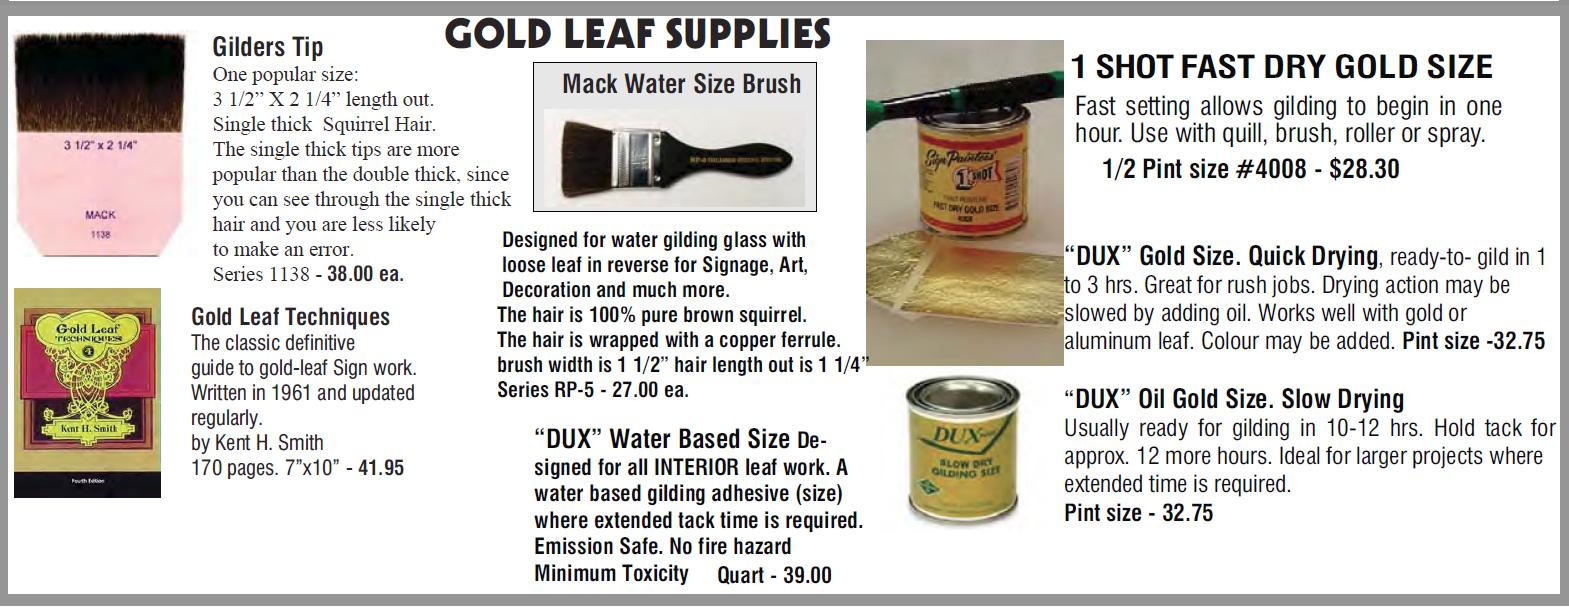 gold leaf part 2 1 - Gold Leaf Supplies